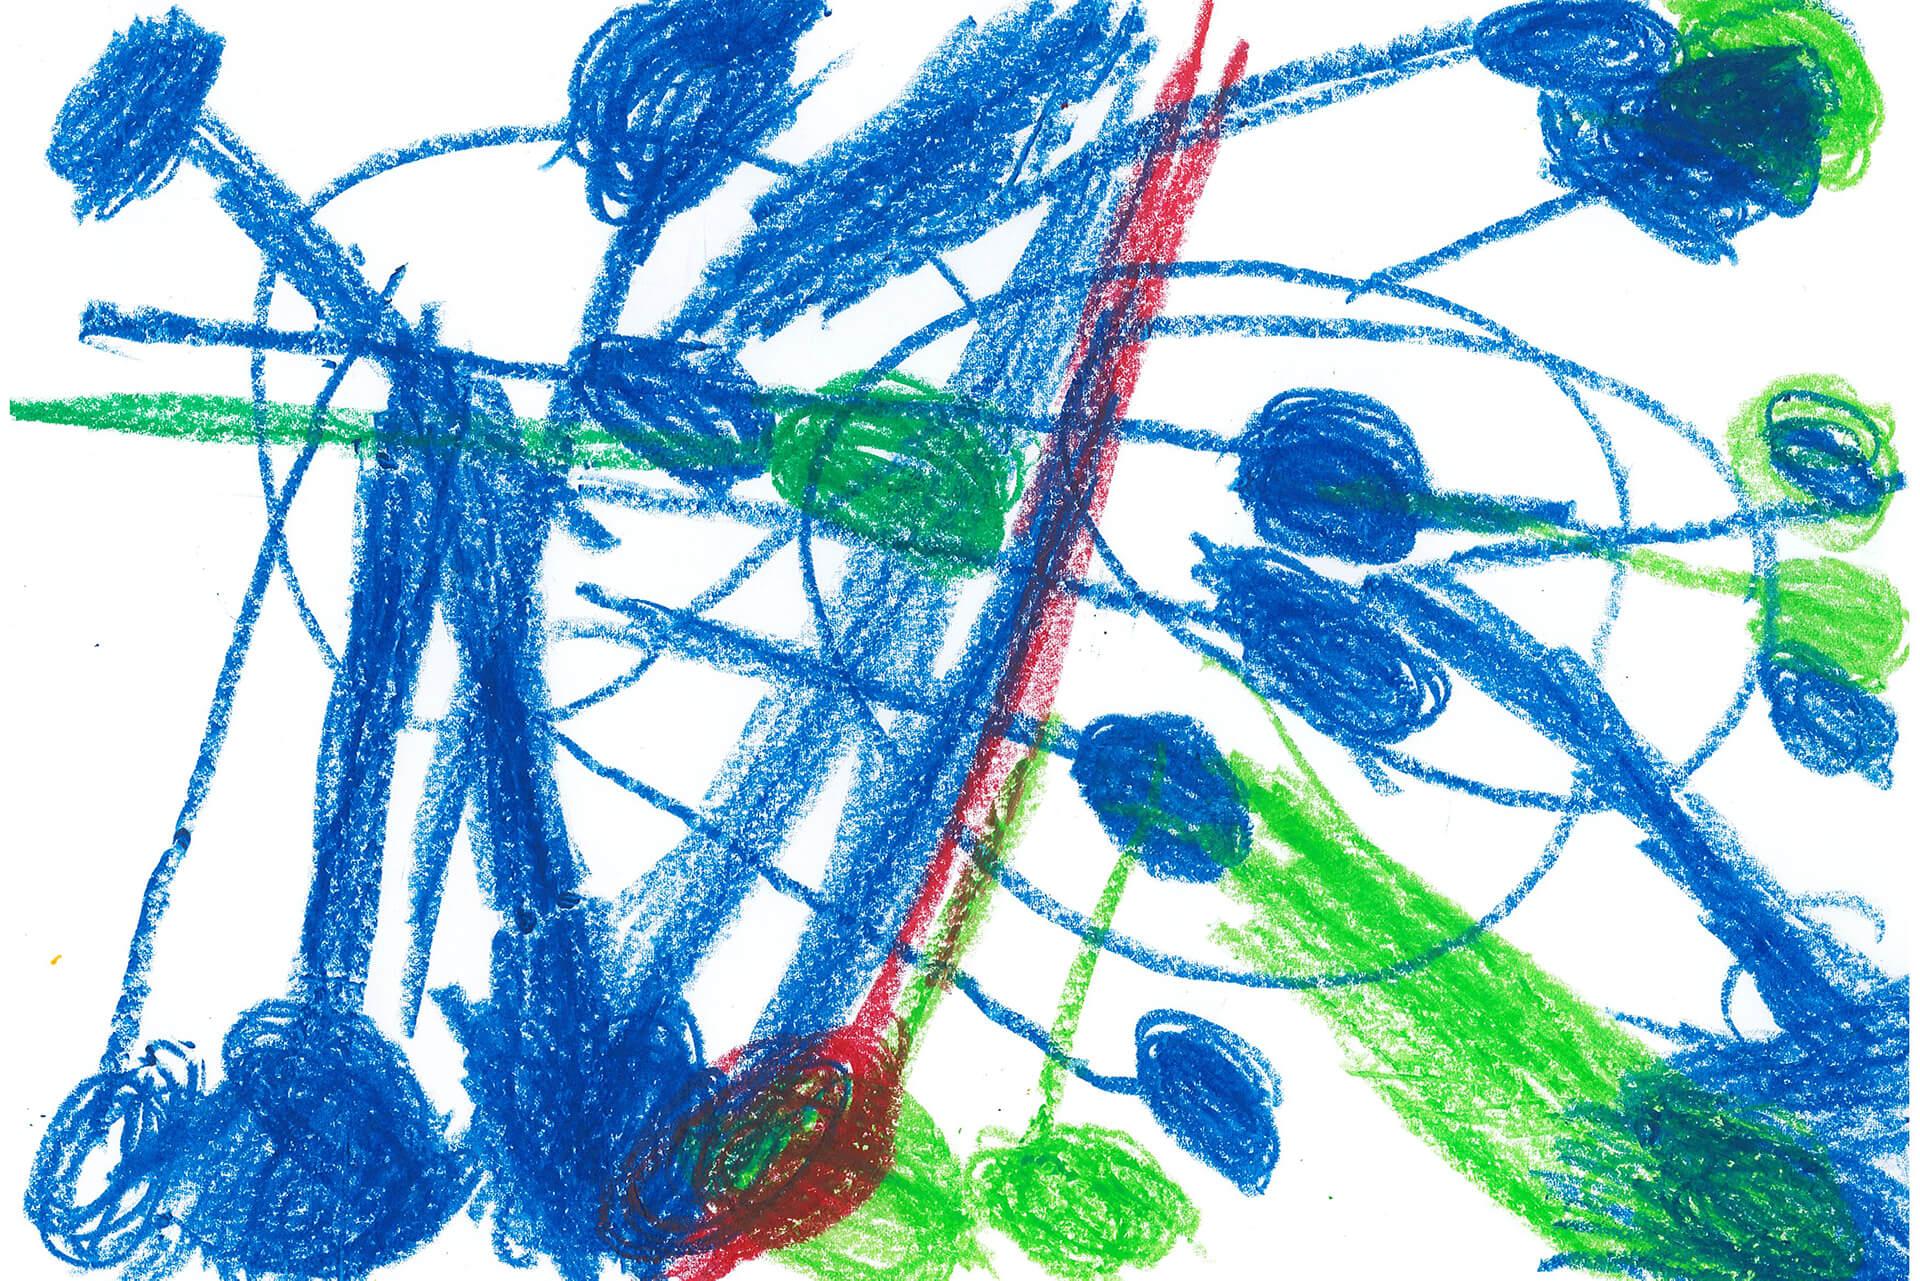 Corona-Viren in blau und grün gemalt